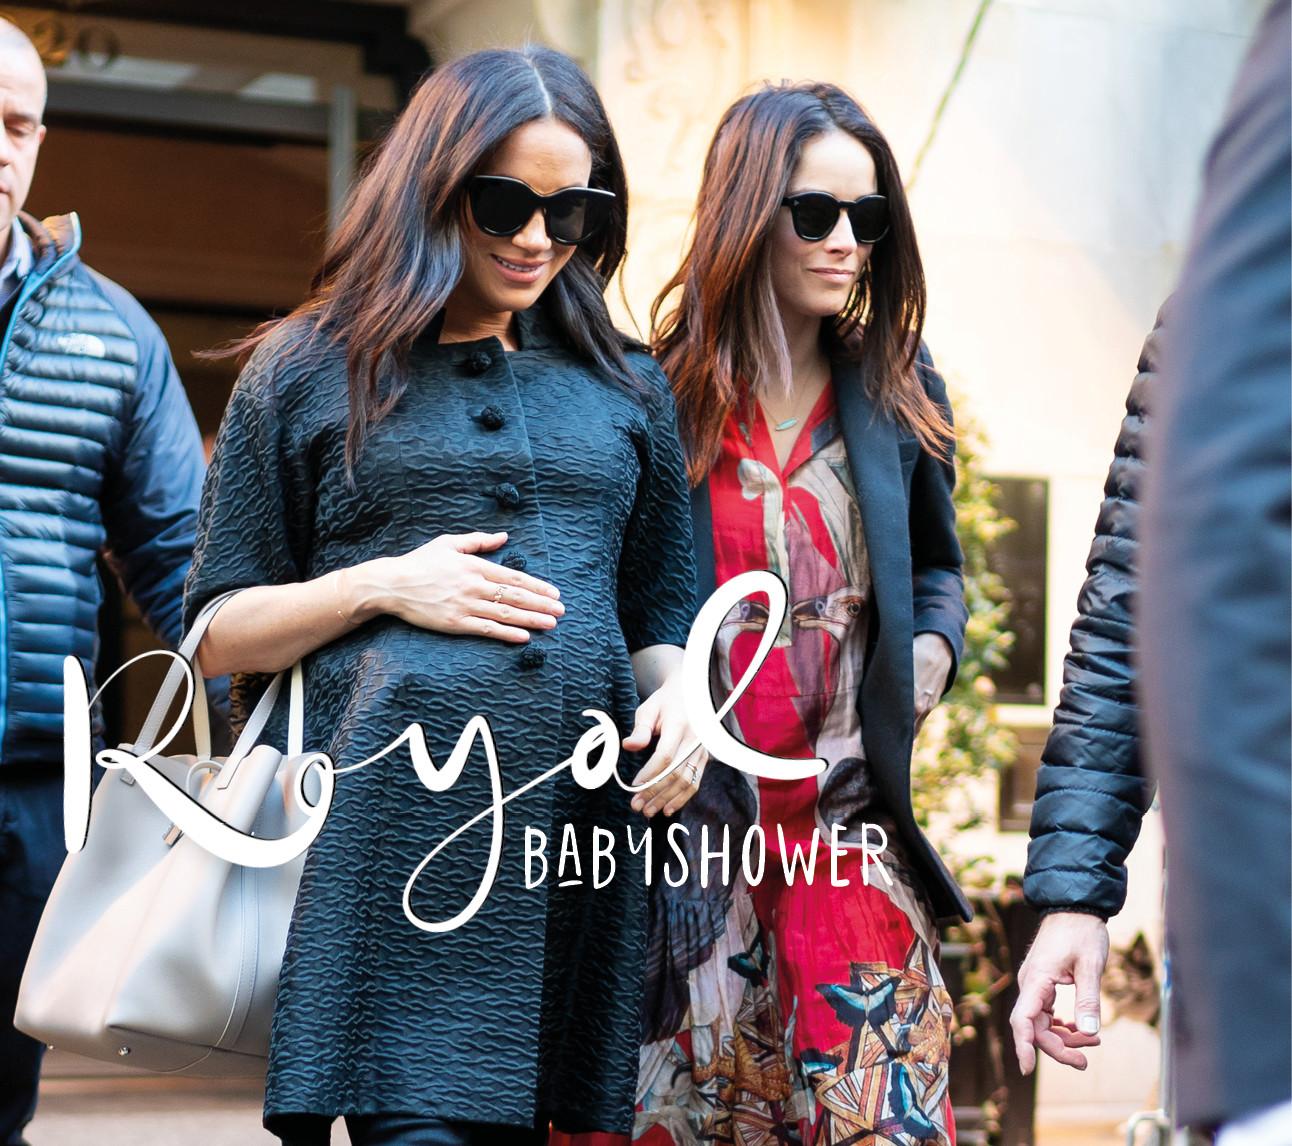 meghan markle in New York lopend met vriendin voor babyshower